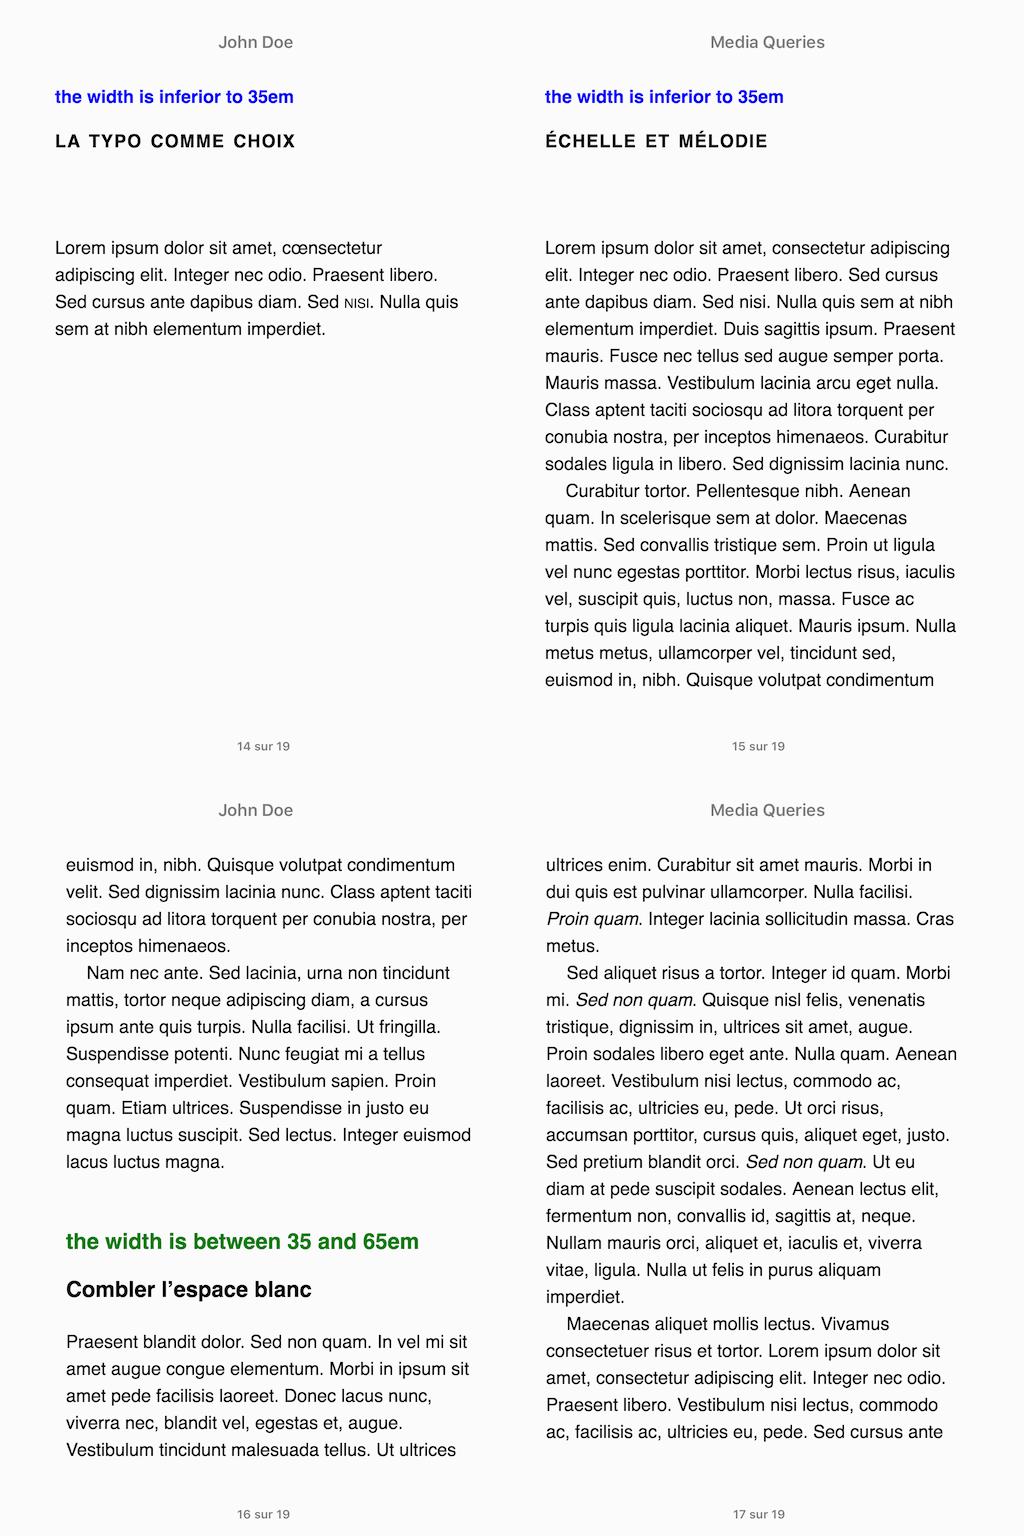 page-spread